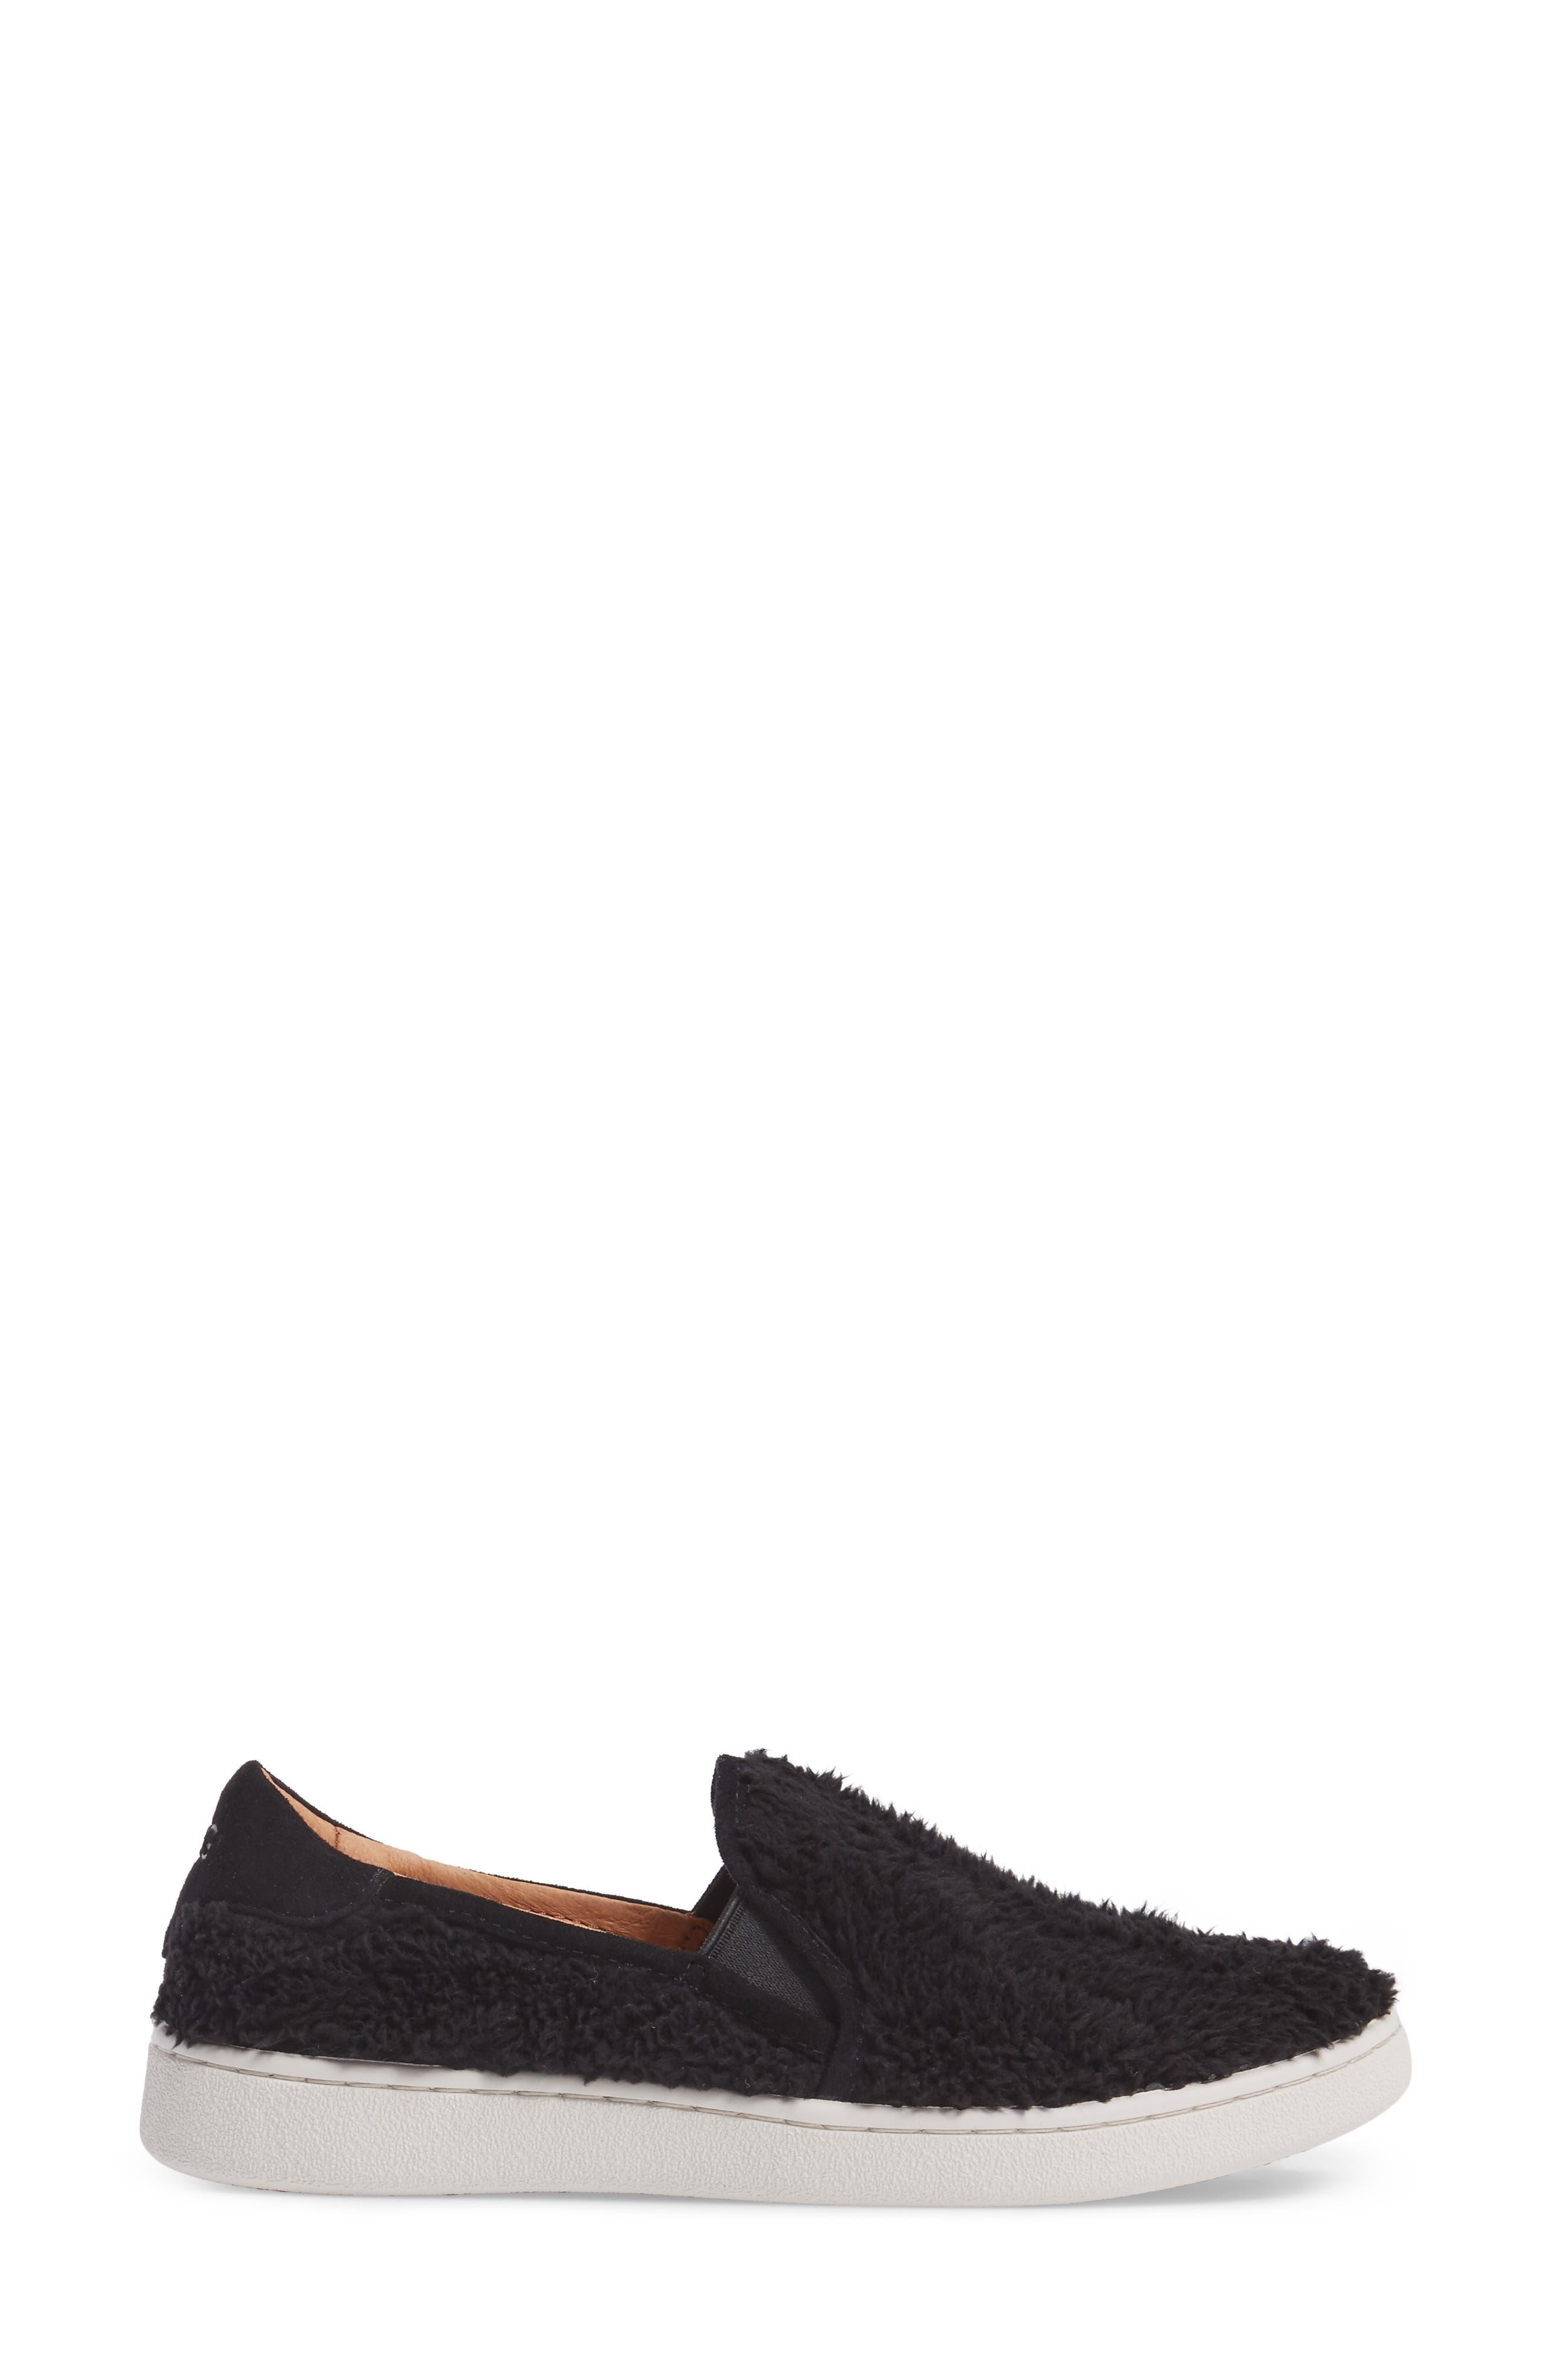 Ricci Plush Slip-On Sneaker,                             Alternate thumbnail 3, color,                             001